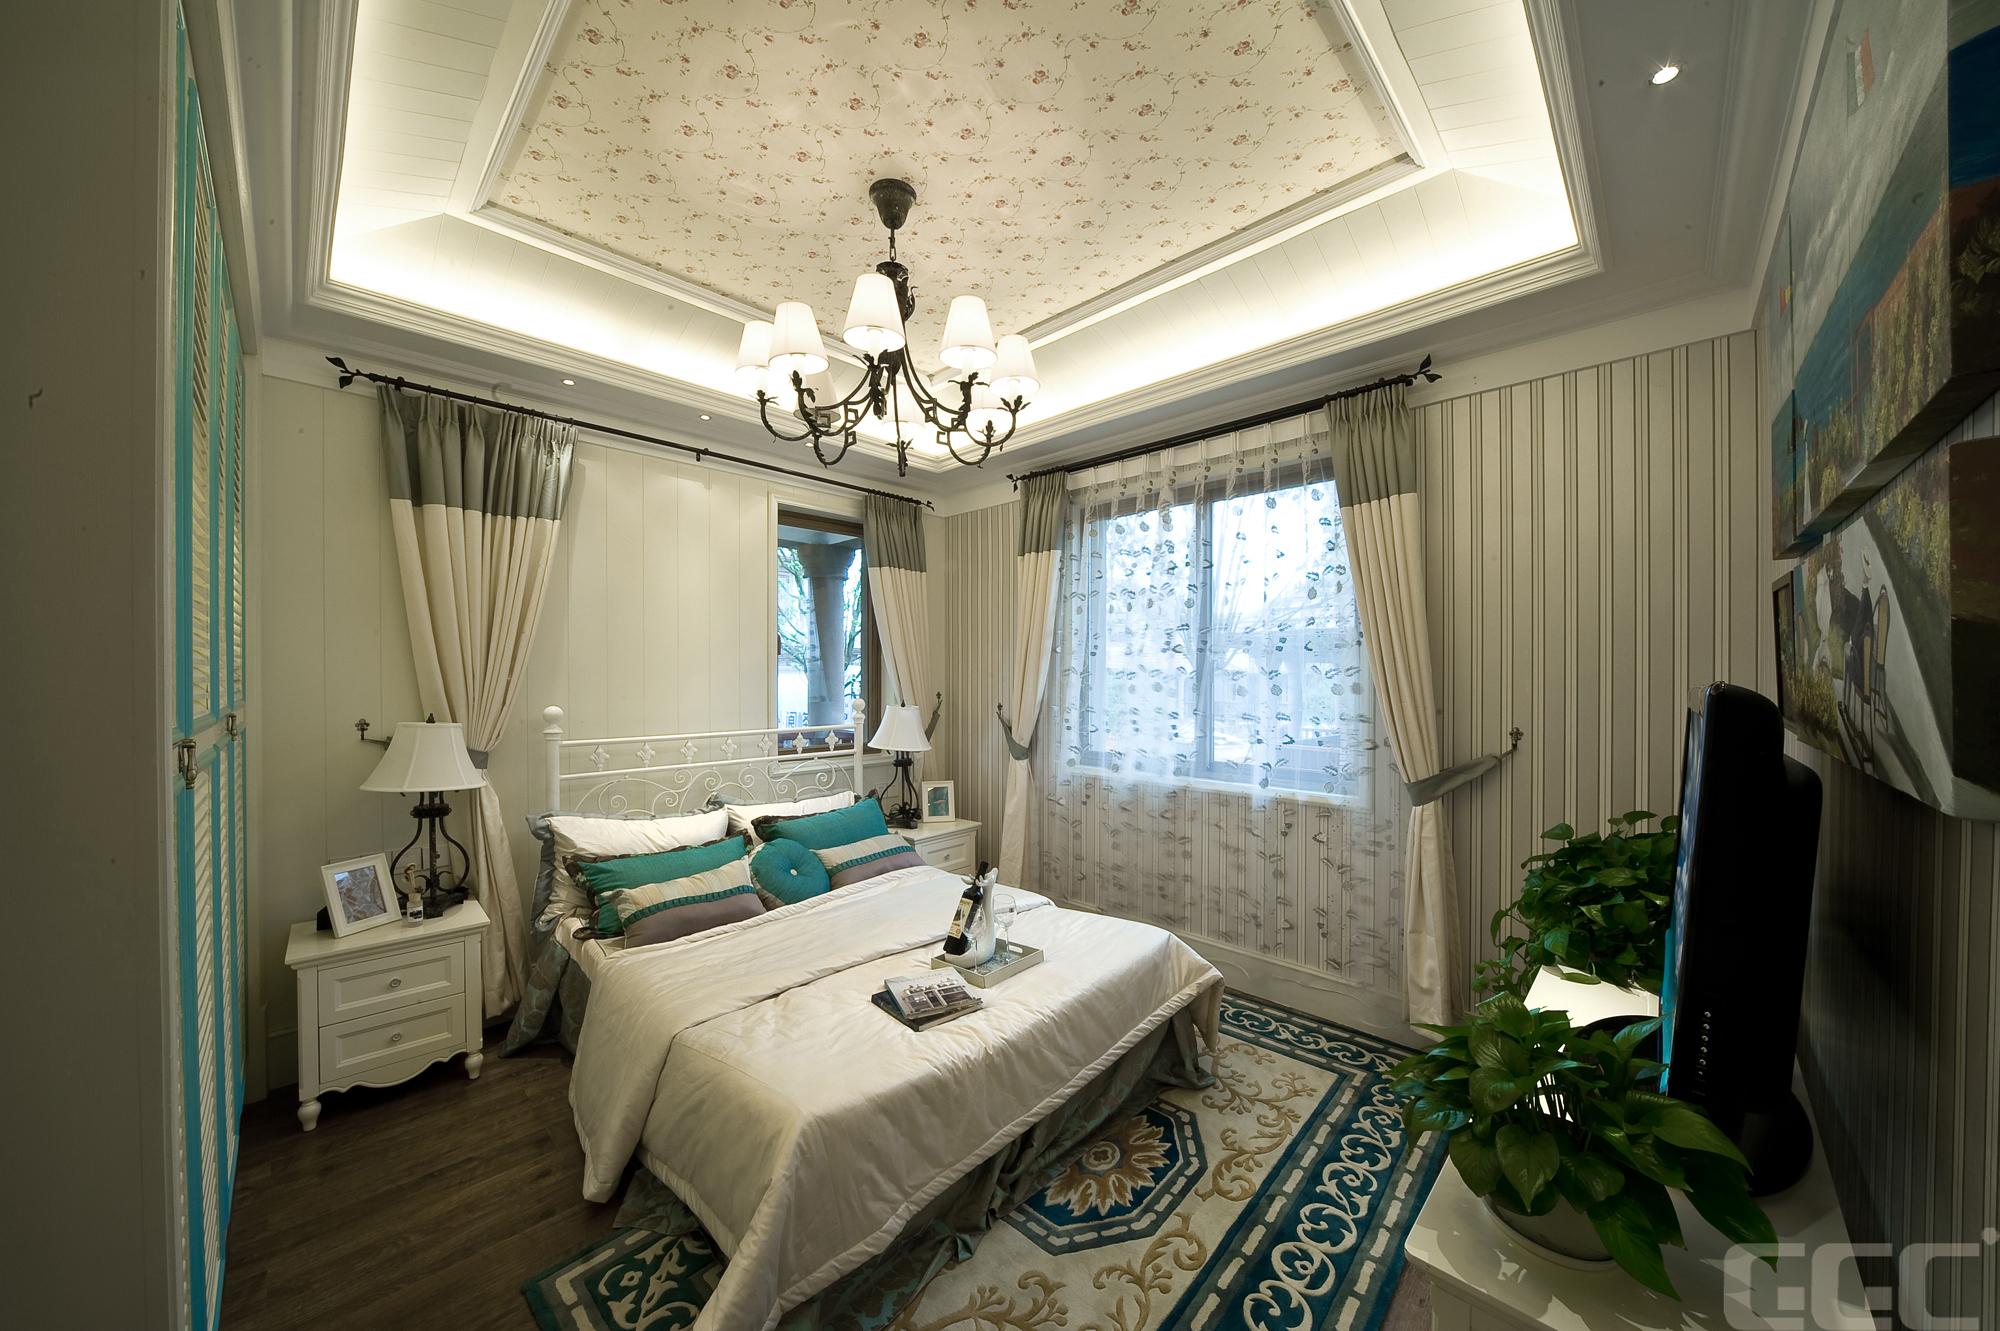 简约 欧式 混搭 田园 别墅 三居 旧房改造 小资 80后 卧室图片来自元洲装饰木子在地中海风格装修案例的分享